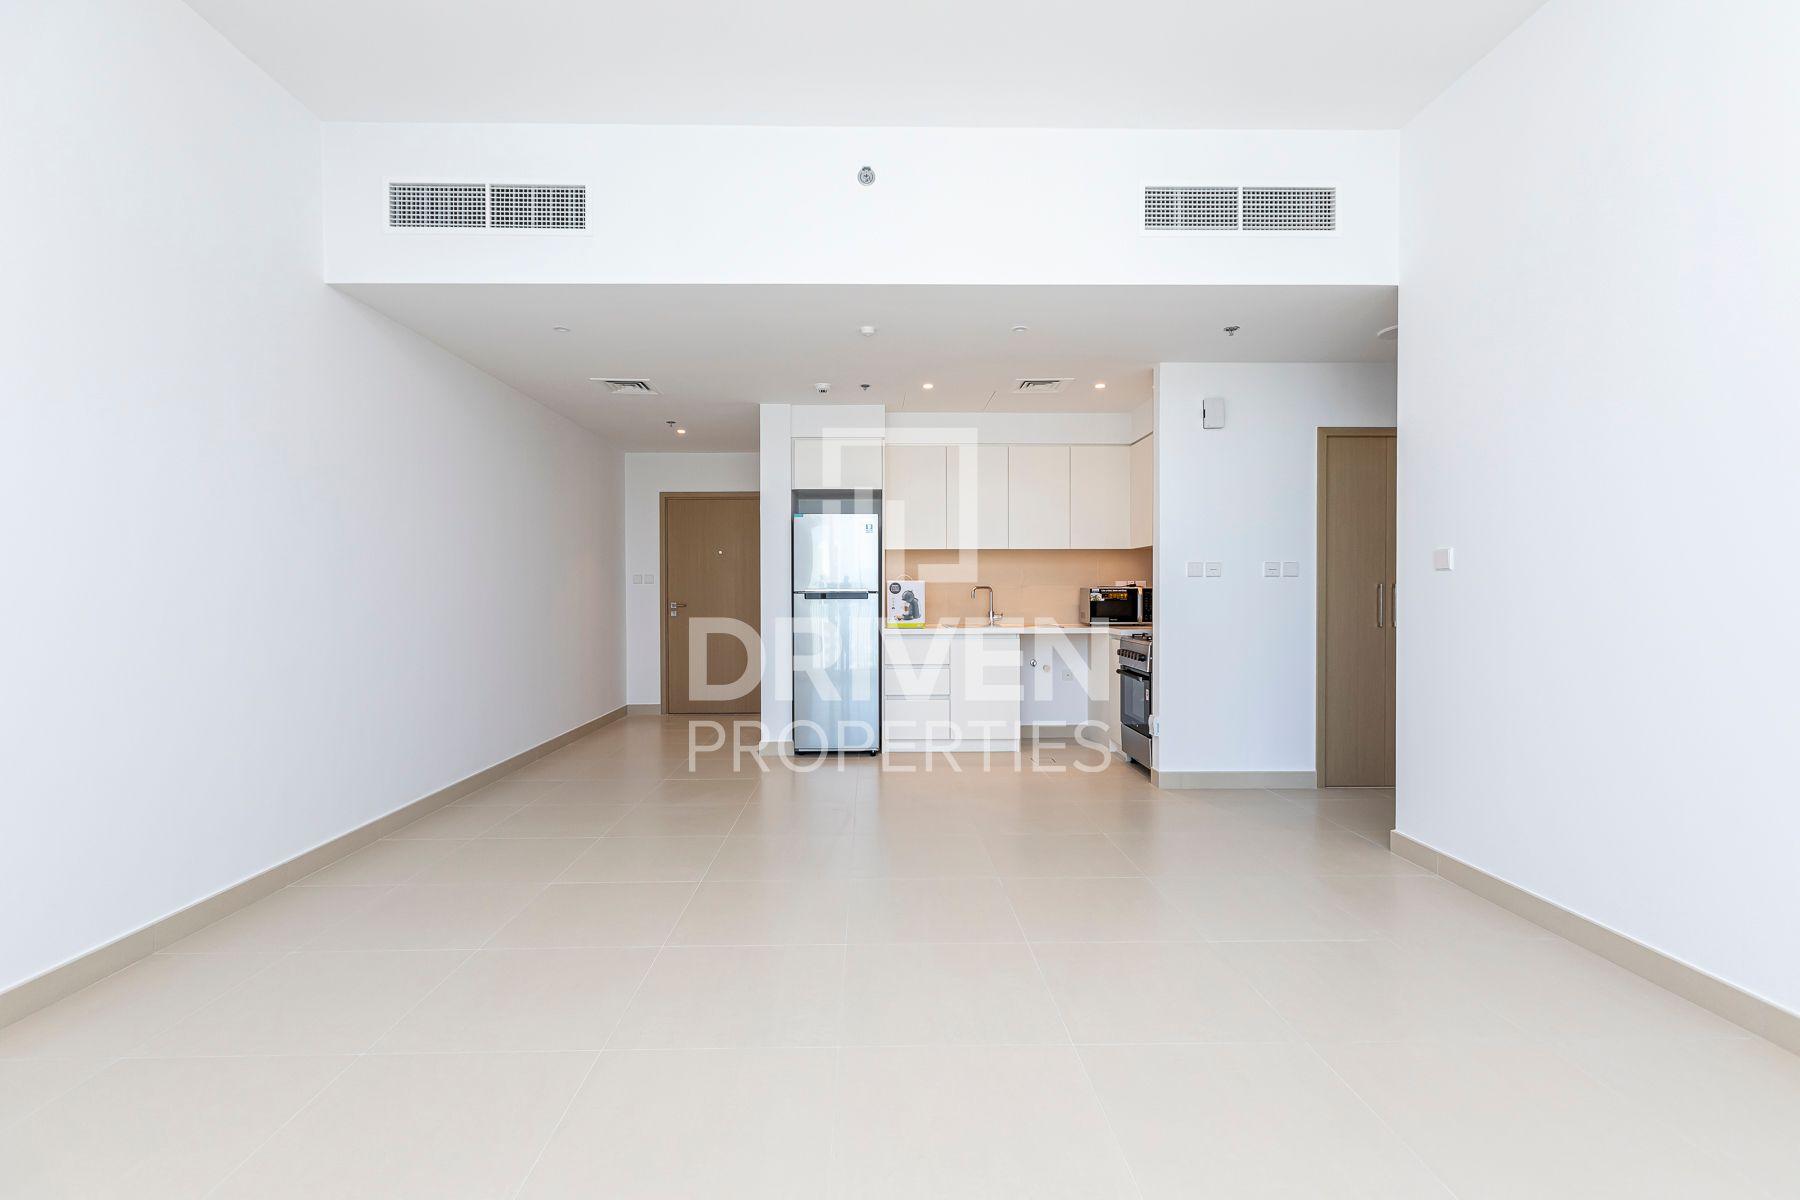 758 قدم مربع  شقة - للايجار - ميناء خور دبي